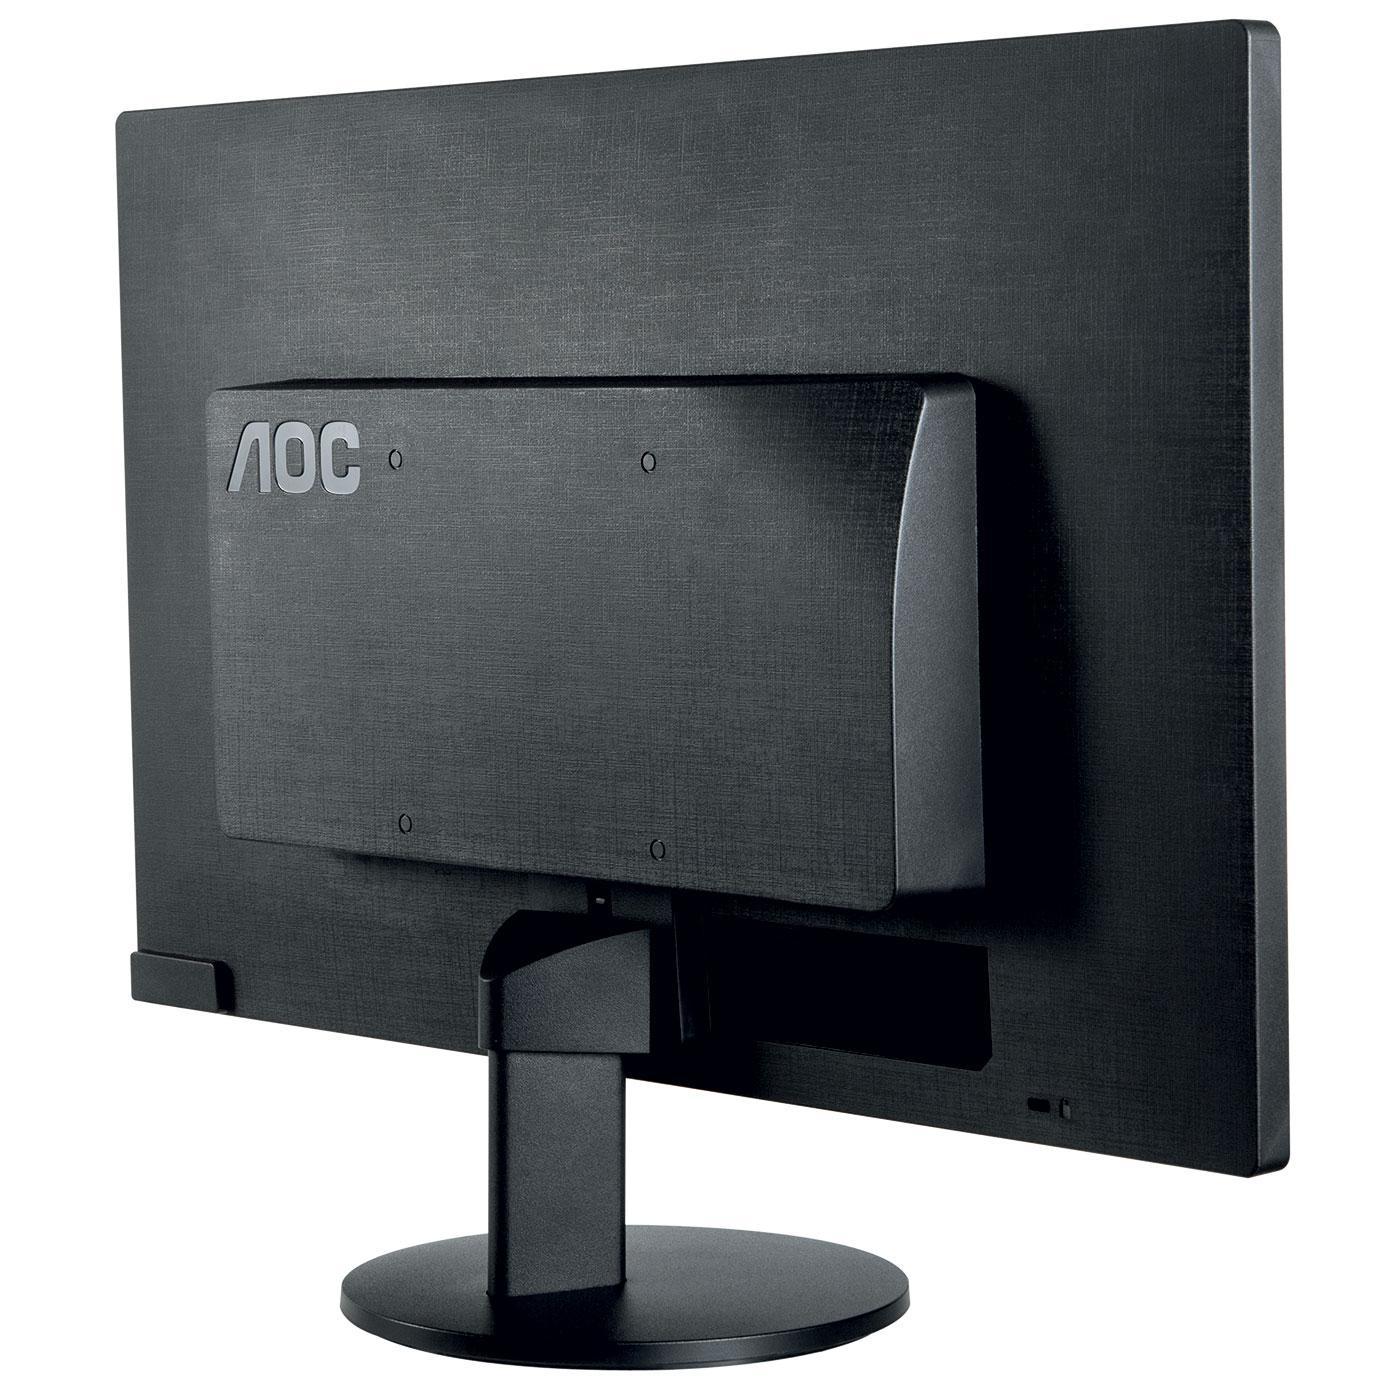 AOC - E2470SWHE - Ecran PC 23.6 Wide LED - Noir